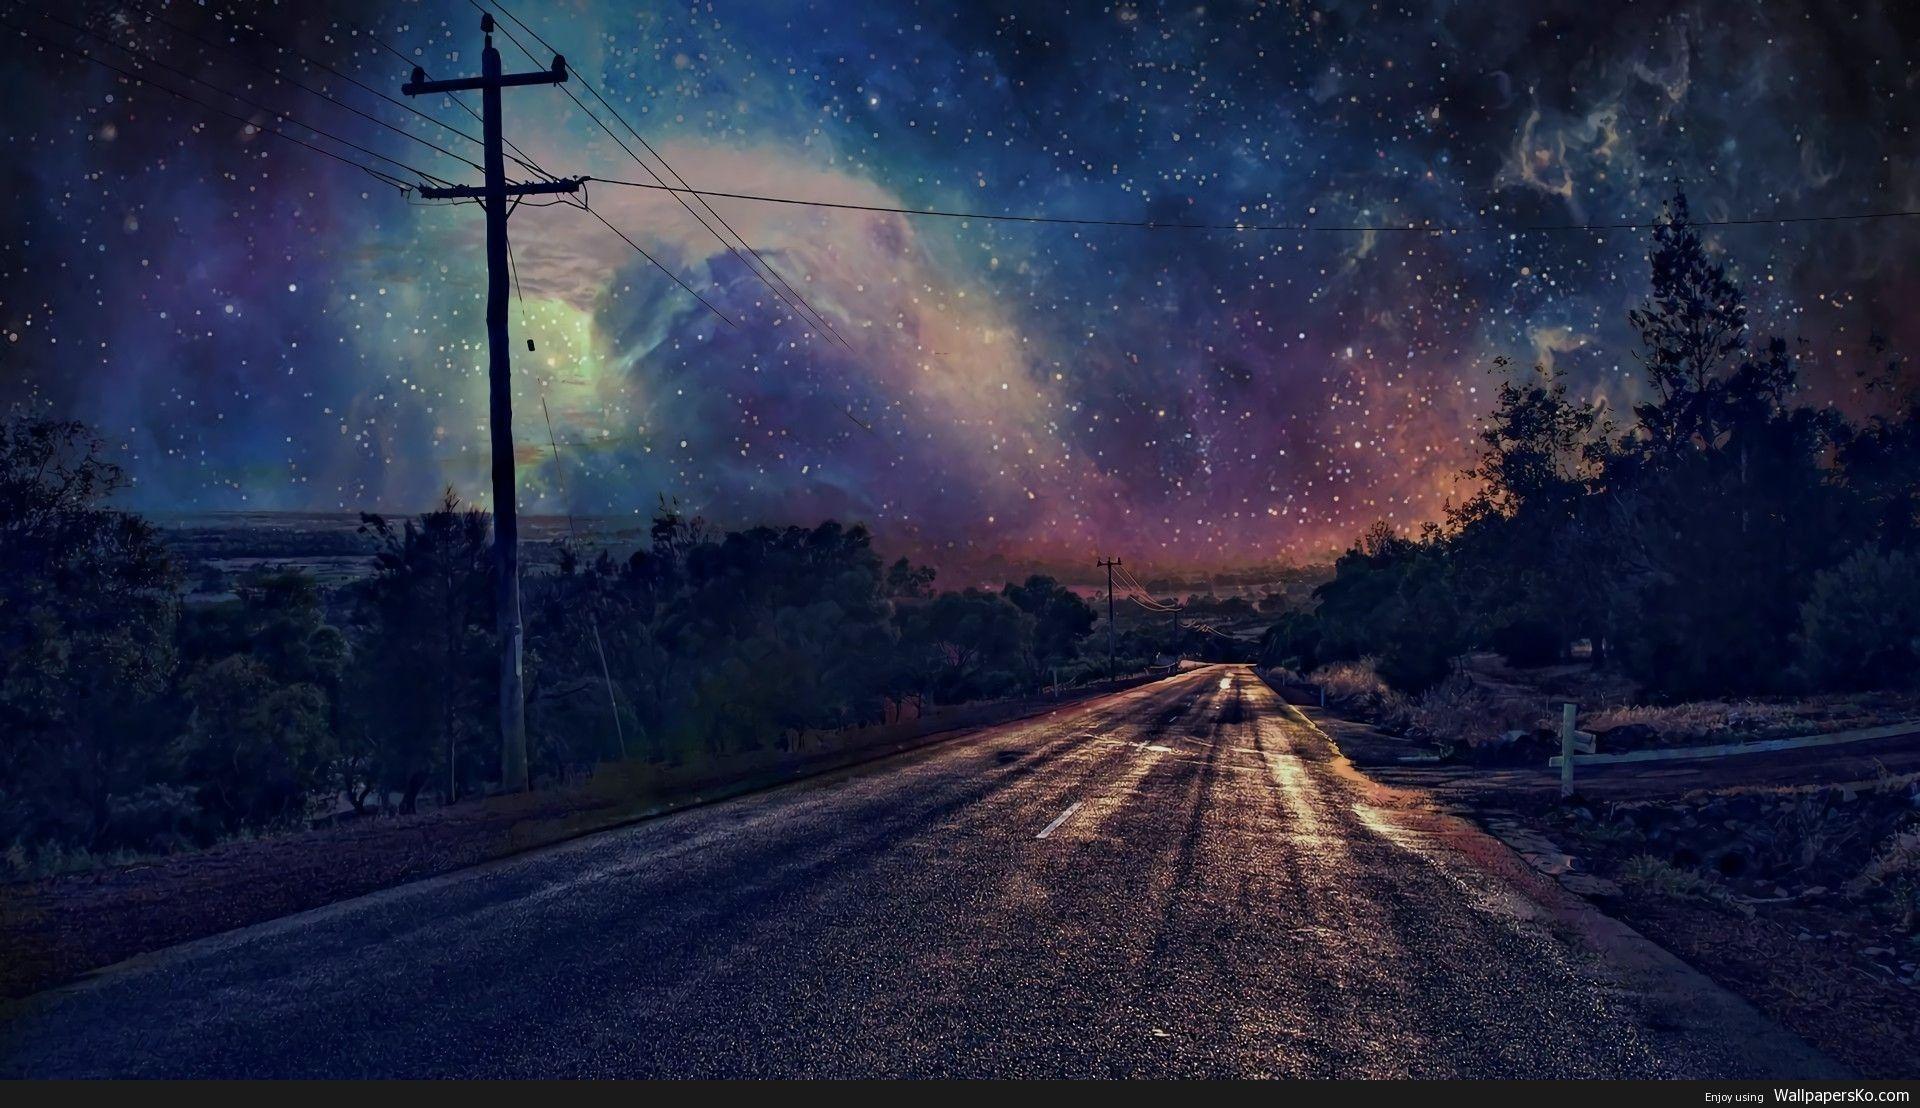 4k Night Sky Wallpaper Http Wallpapersko Com 4k Night Sky Wallpaper Html Hd Wallpap Night Sky Wallpaper Starry Night Wallpaper Desktop Wallpaper 1920x1080